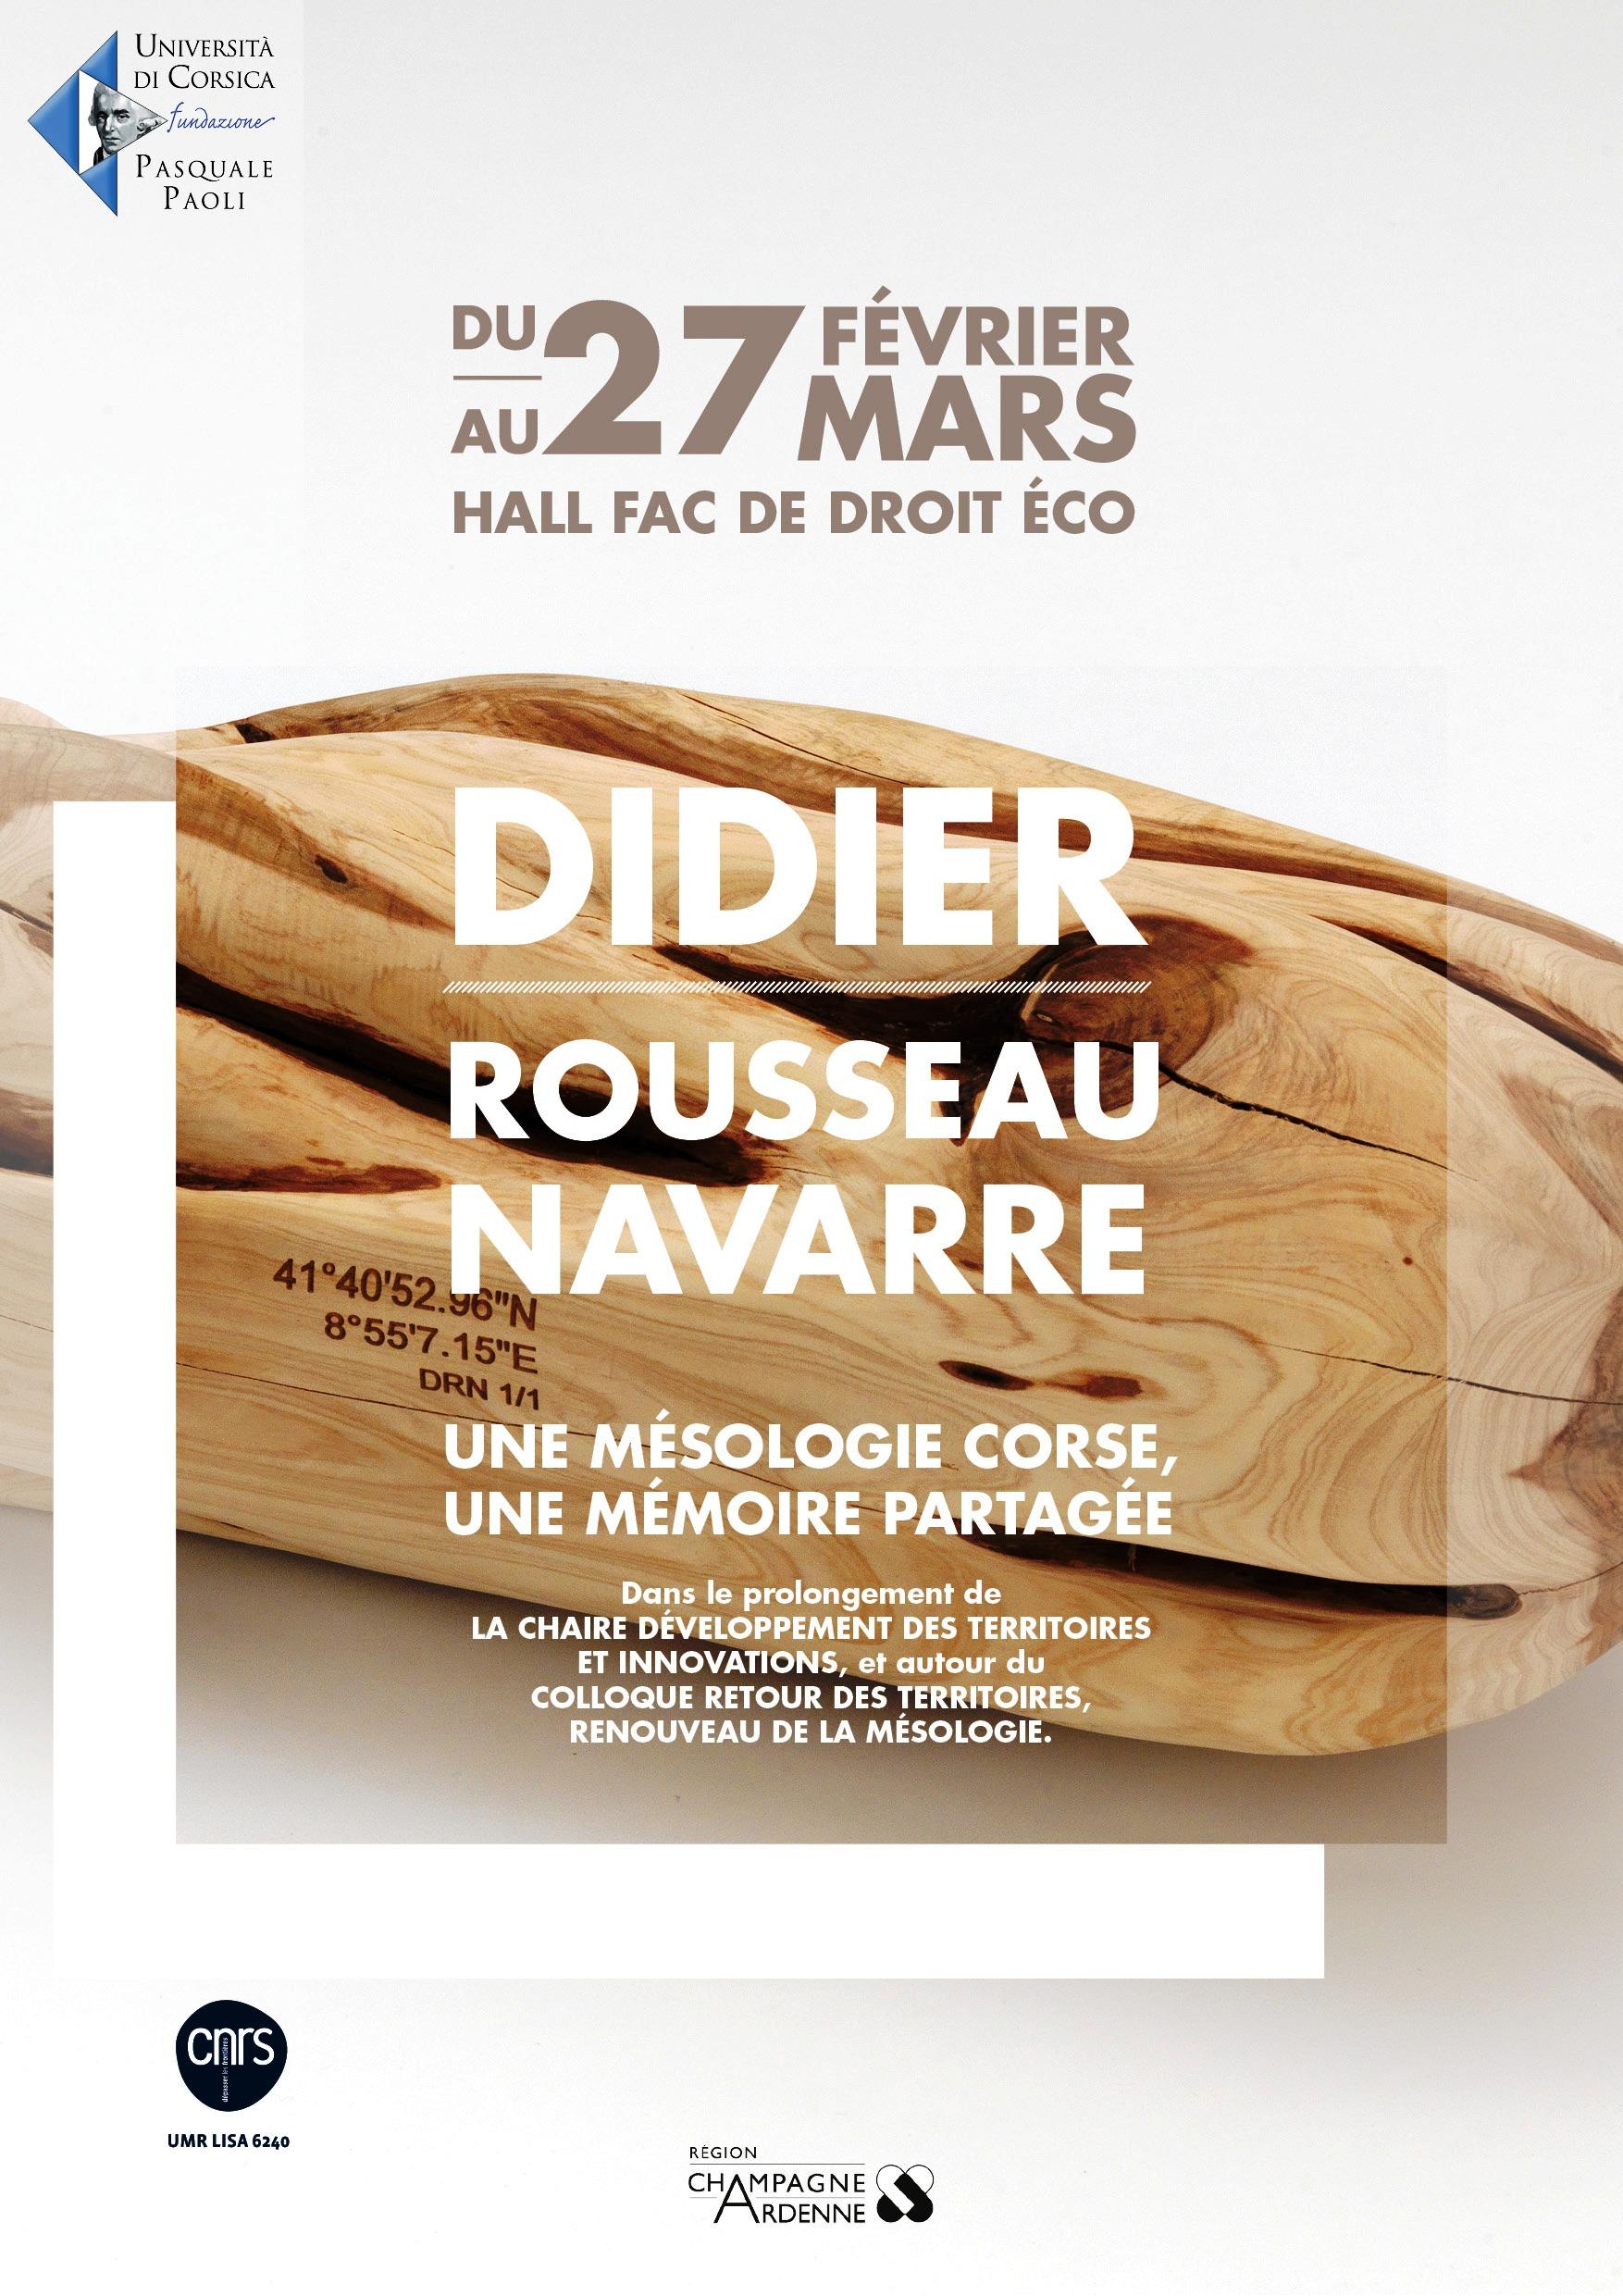 Expo à l'Université de Corse de Corte févier- mars 2015